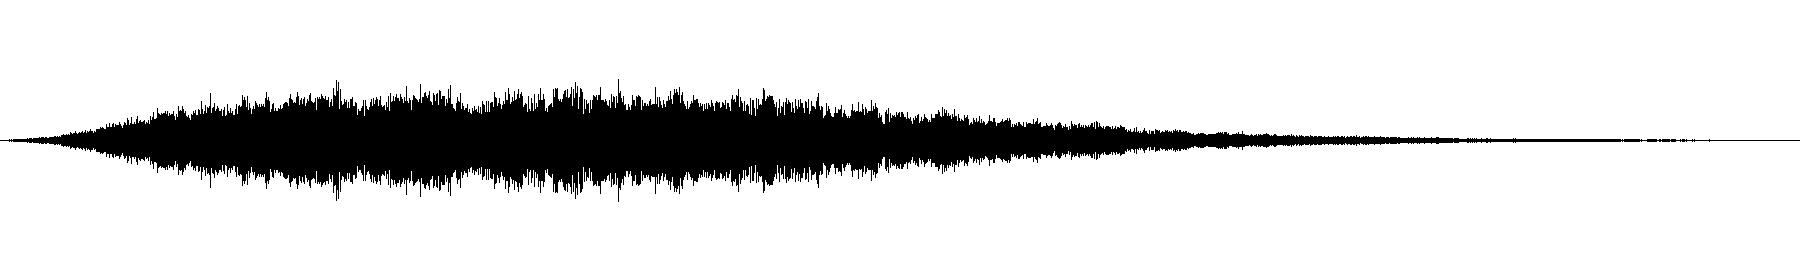 synth choir baug5